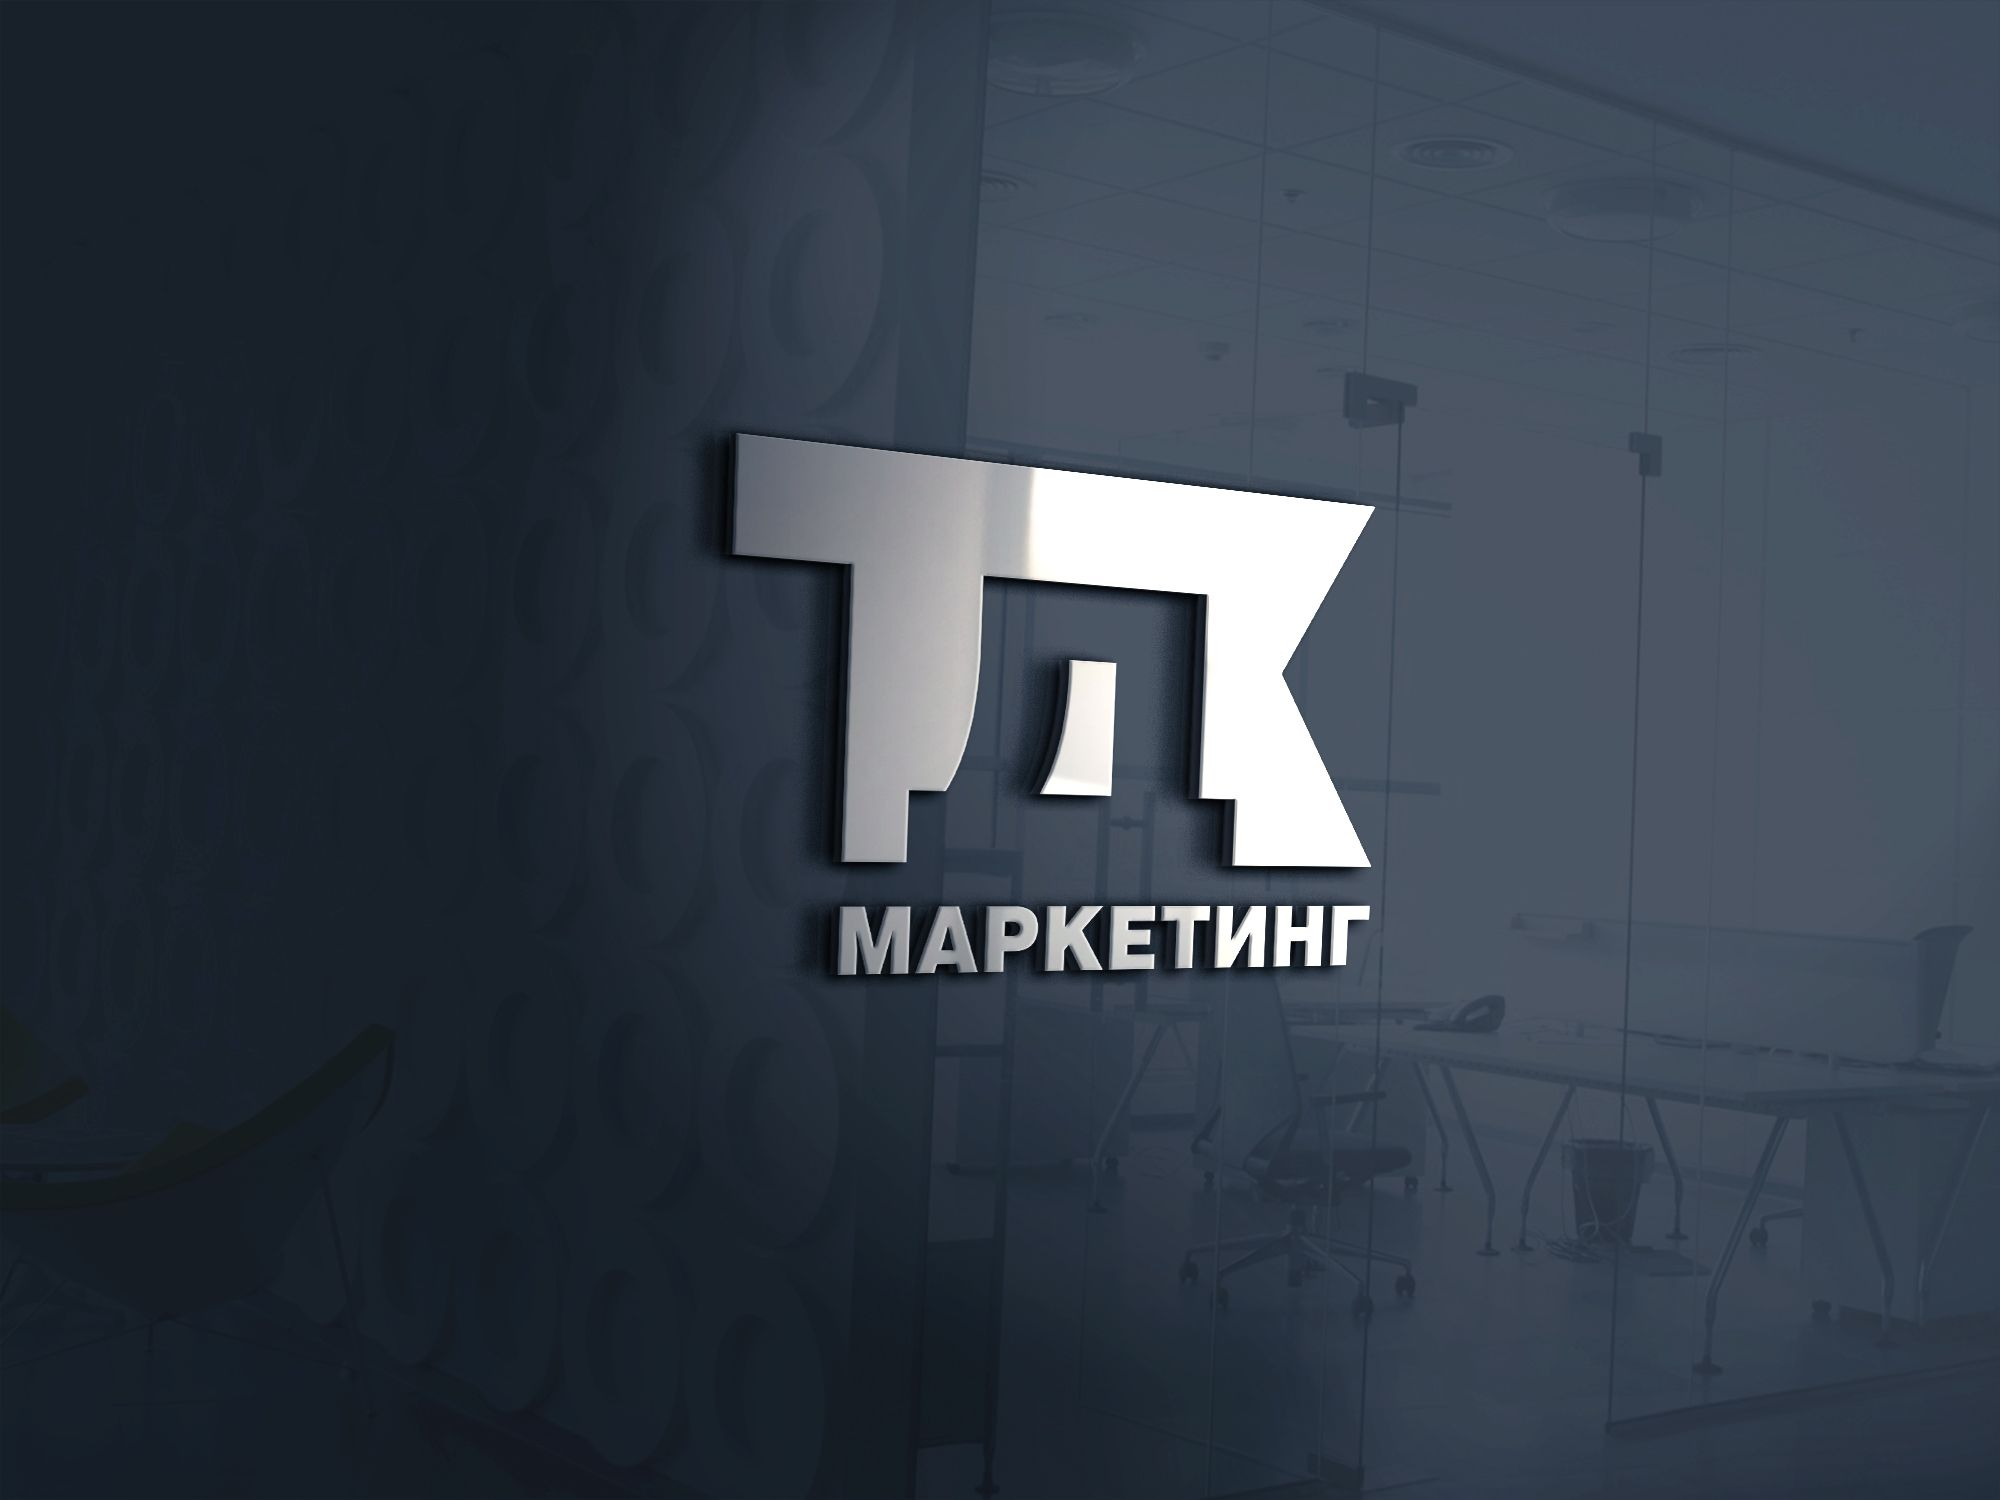 Лого и фирменный стиль для ТДК Маркетинг - дизайнер robert3d